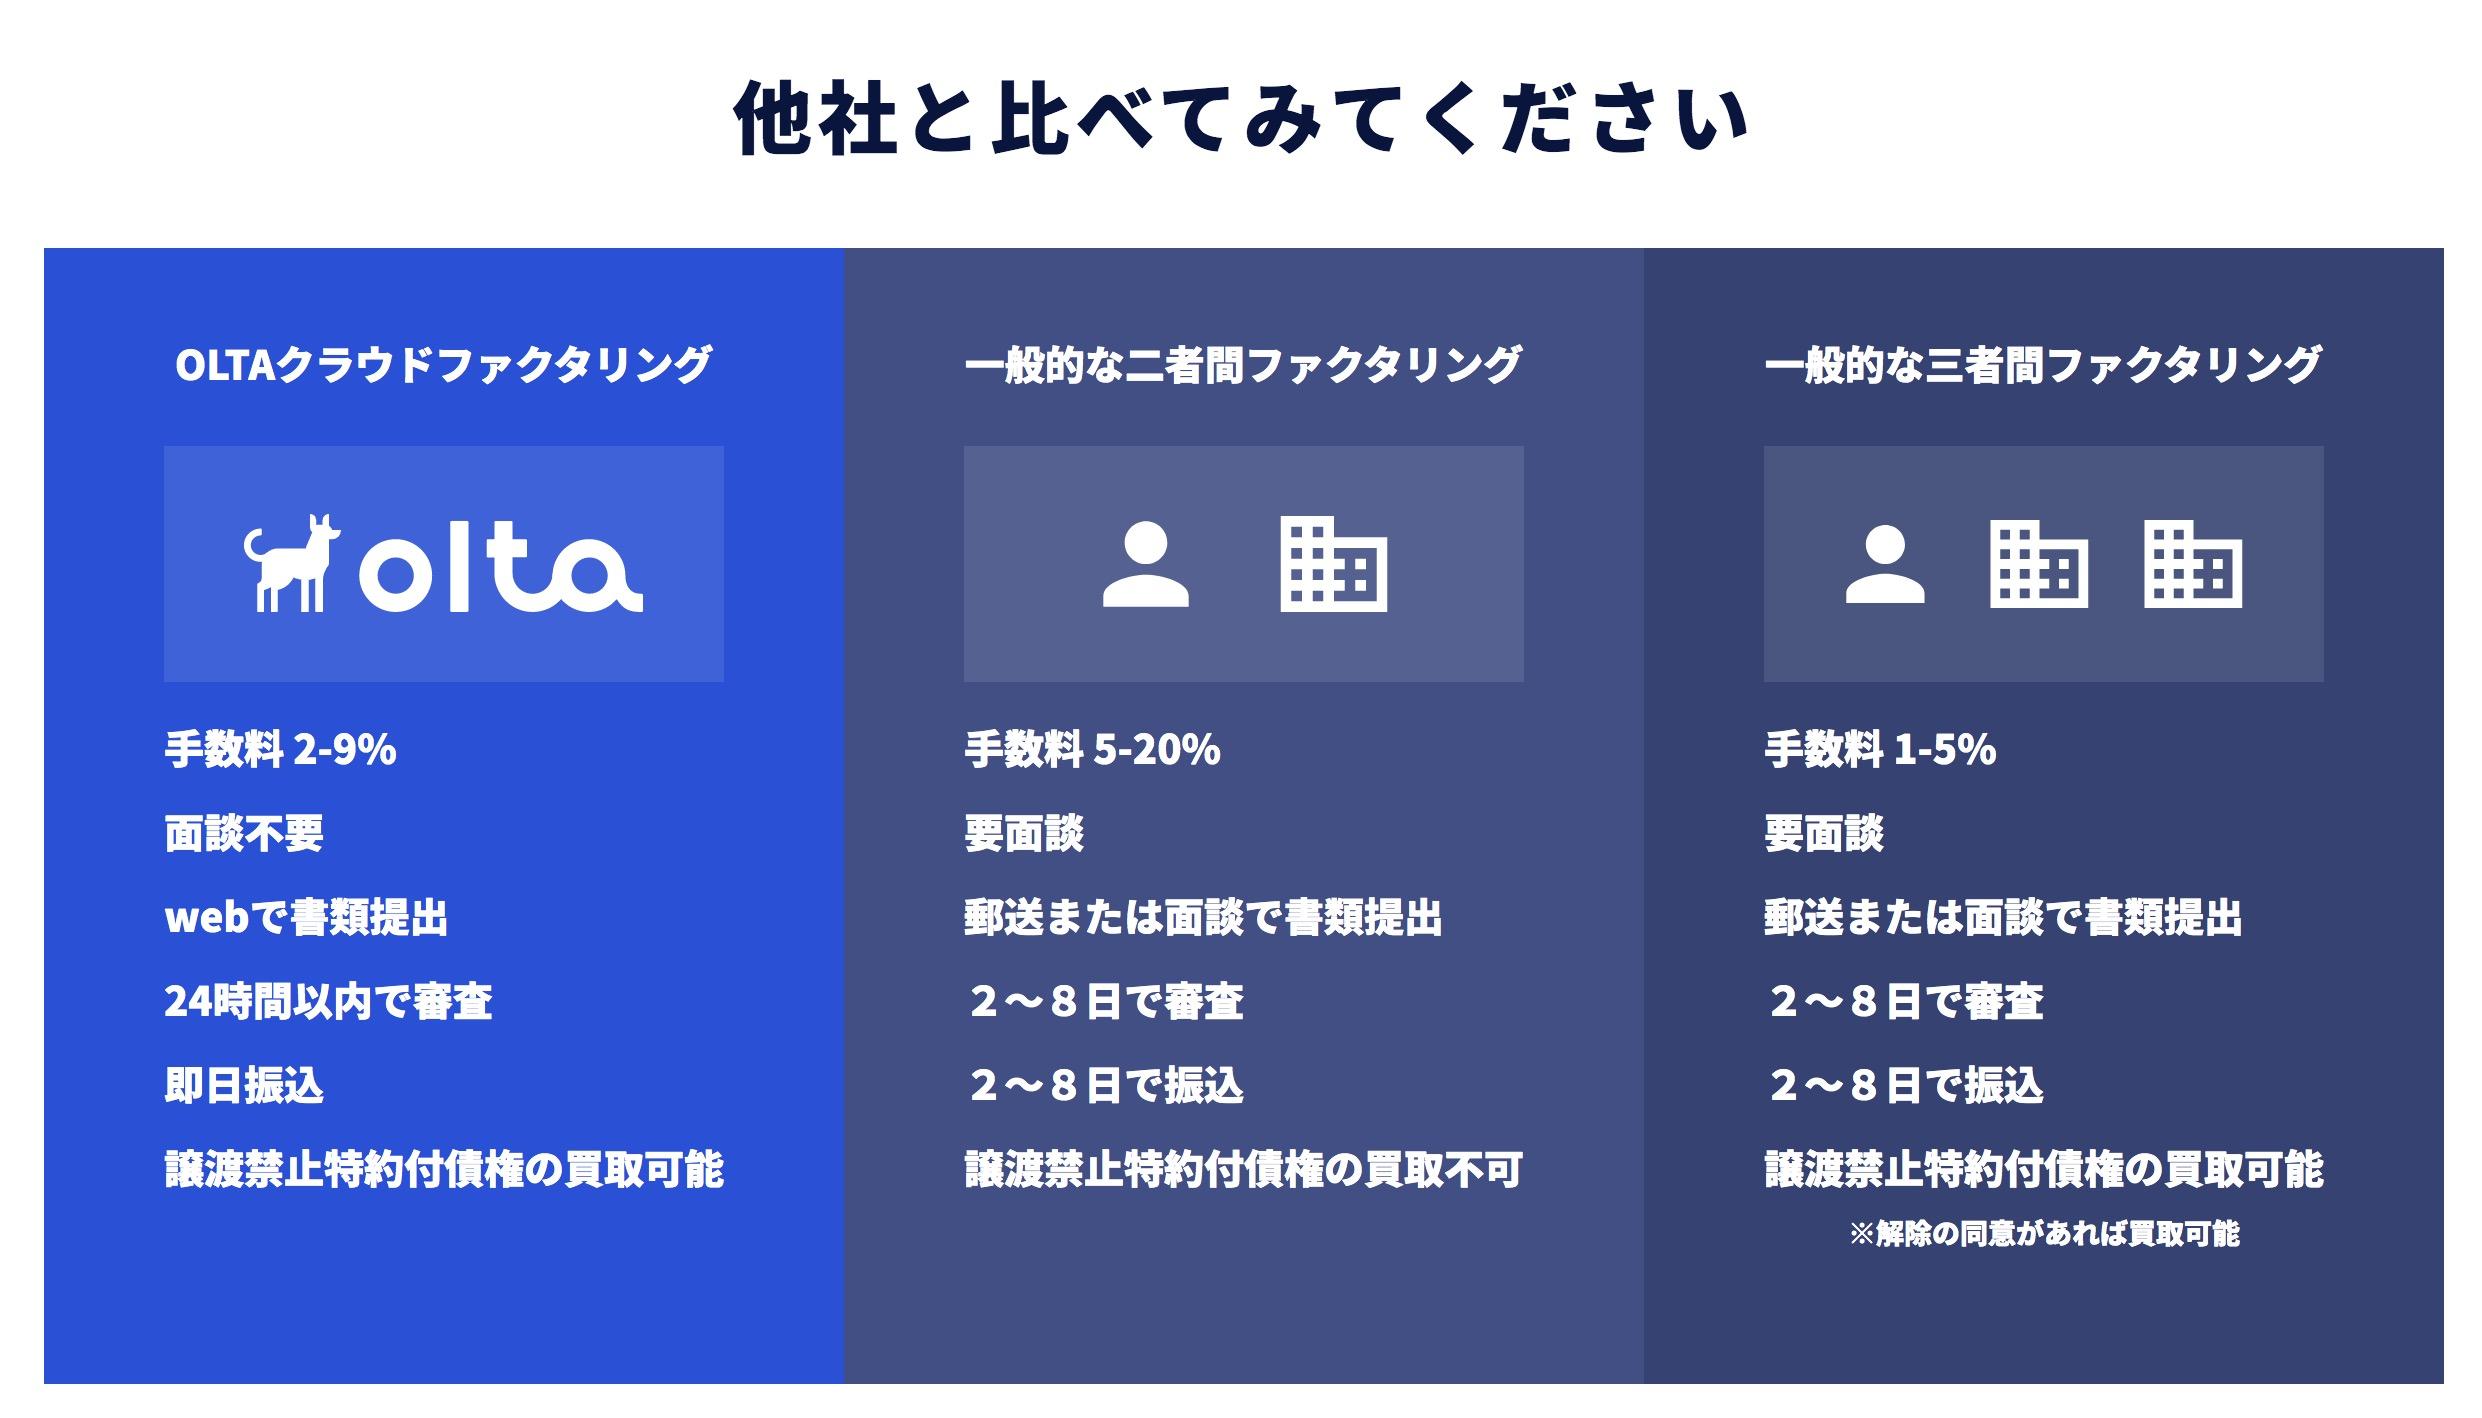 他社とoltaのサービスを比較した写真